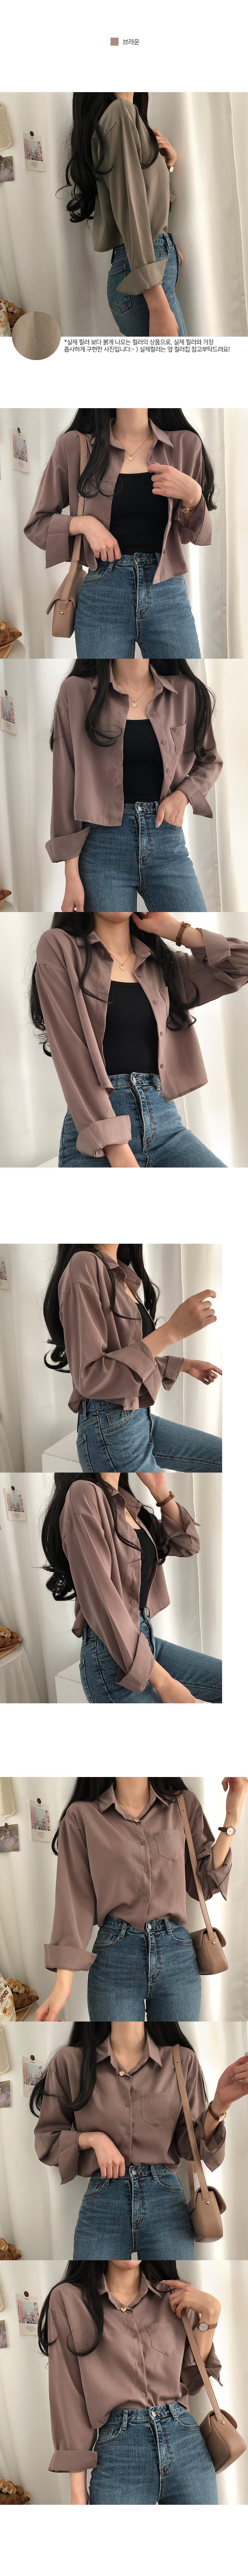 Mel cropped shirt